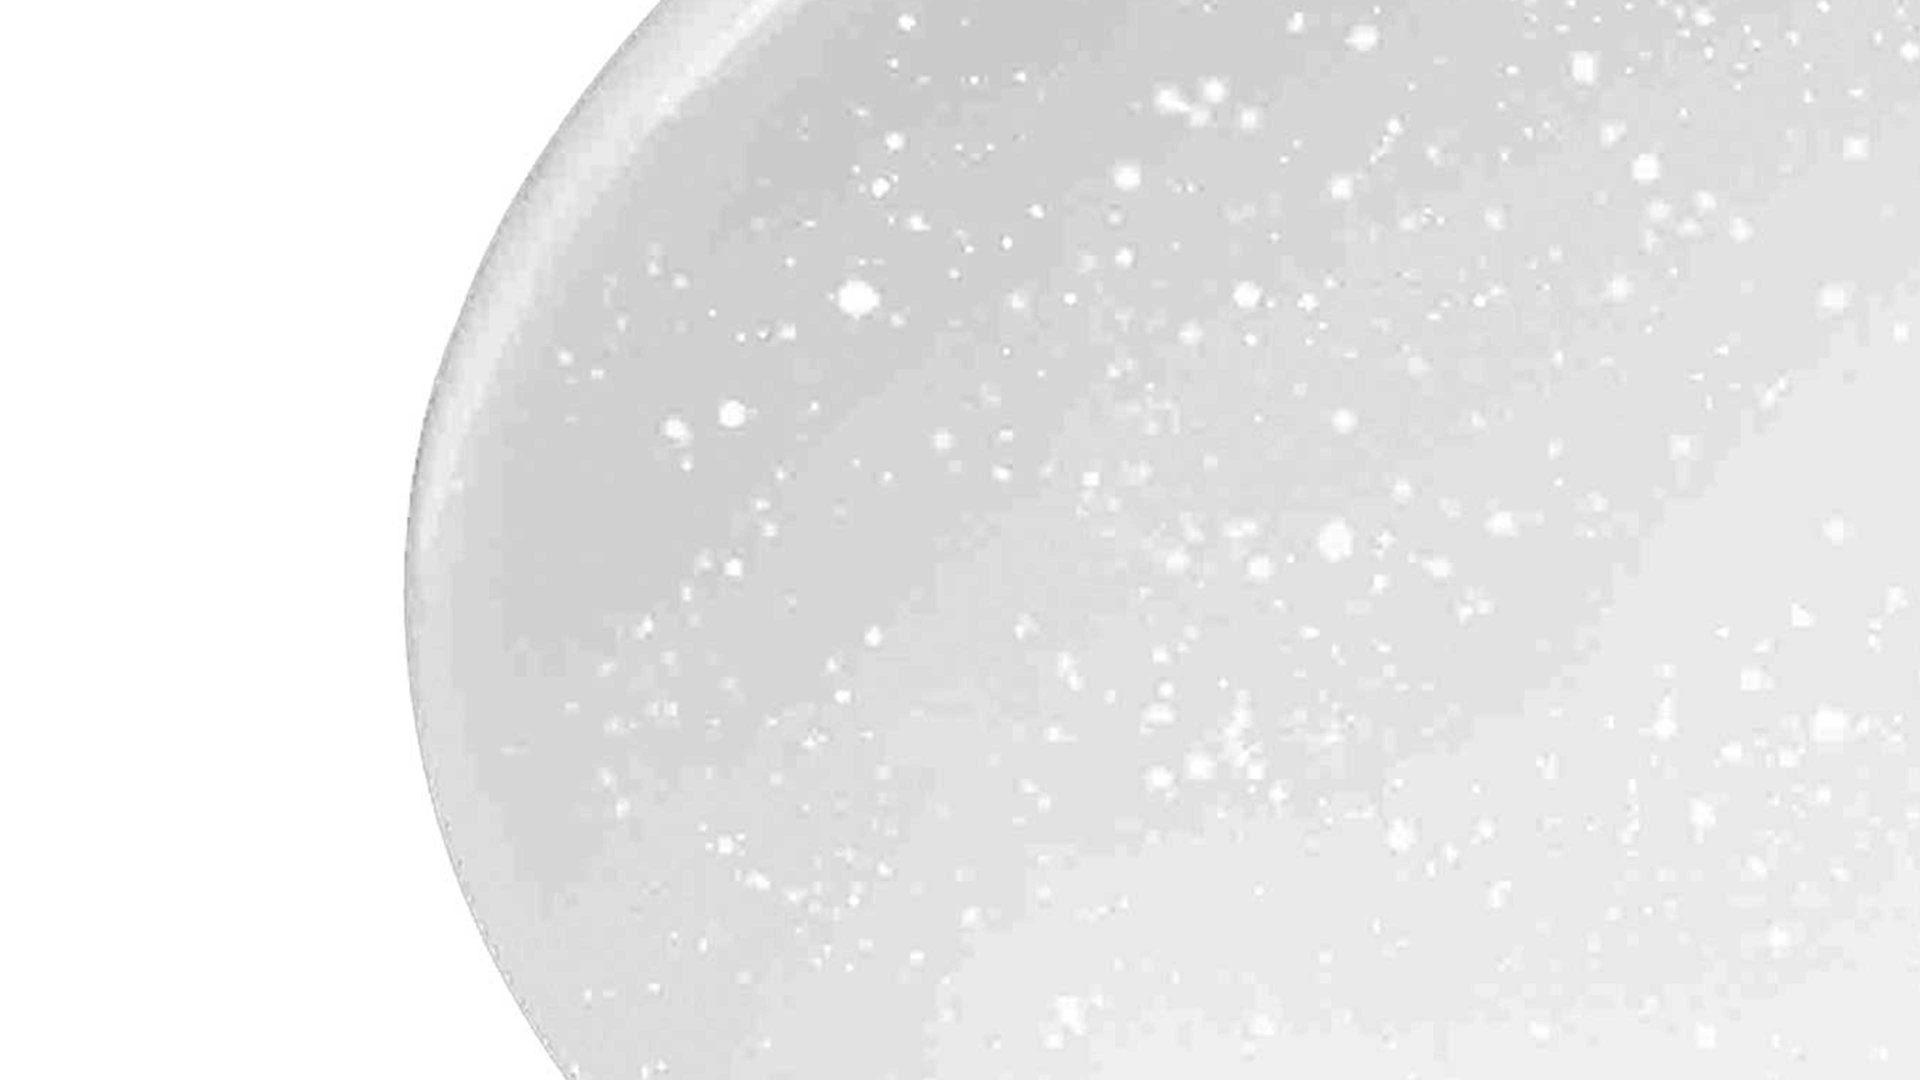 Einrichtungspartnerring Raume Schlafzimmer Lampen Leuchten Deckenleuchte Nino Leuchten Leuchten Direkt Led Deckenleuchte Uranus Weisser Kunststoff Durchmesser Ca 70 Cm